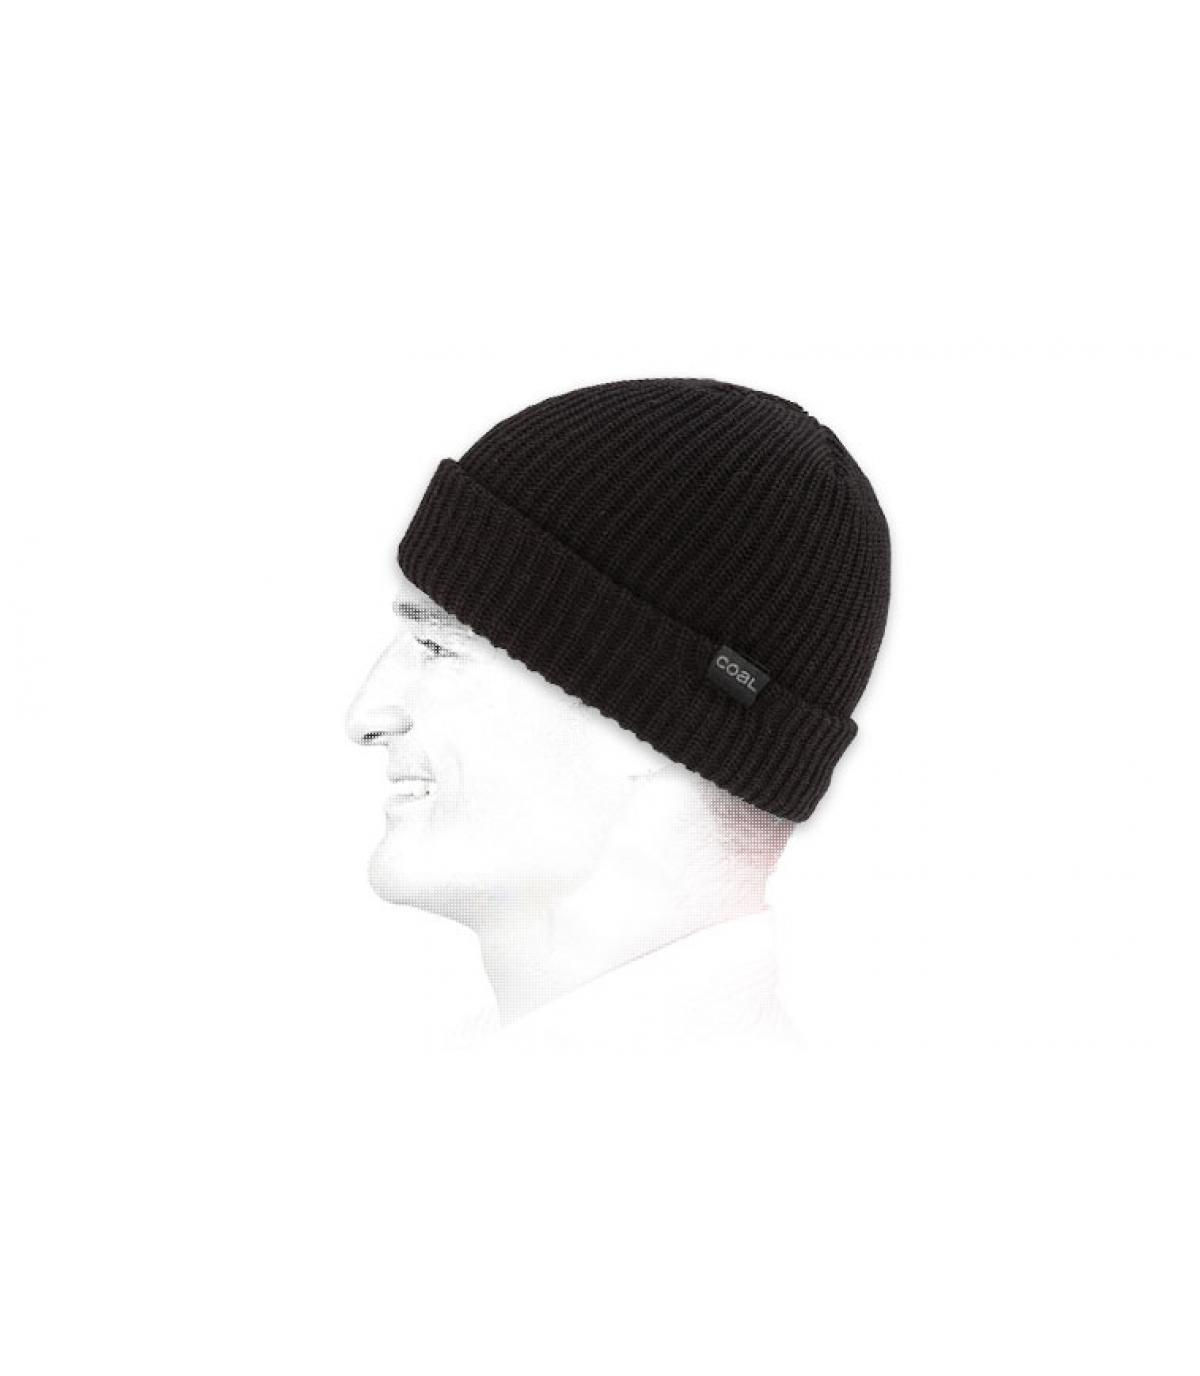 Mütze mit Rand einfarbig schwarz